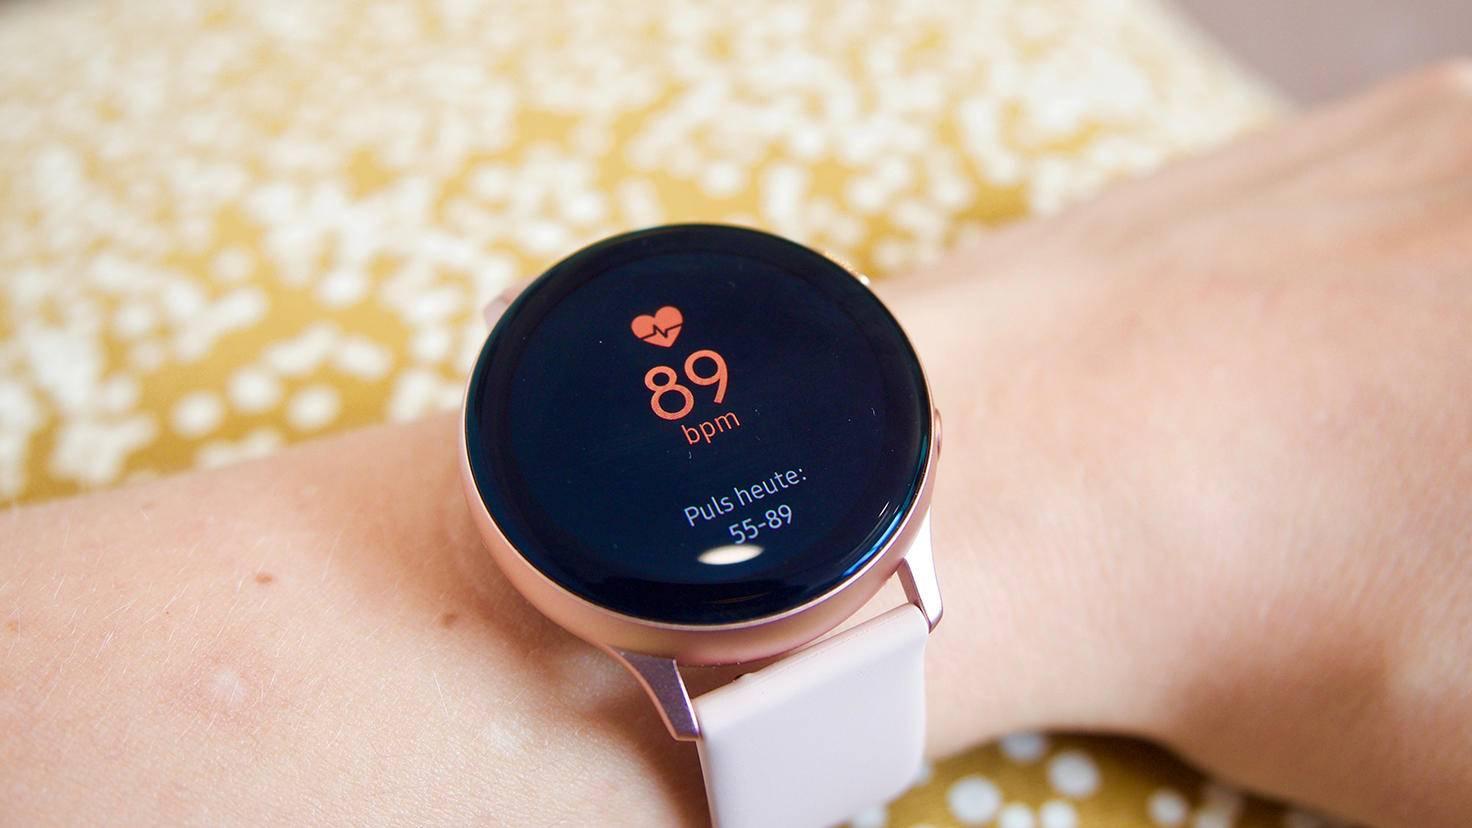 Galaxy Watch Active 2 Pulsmesser